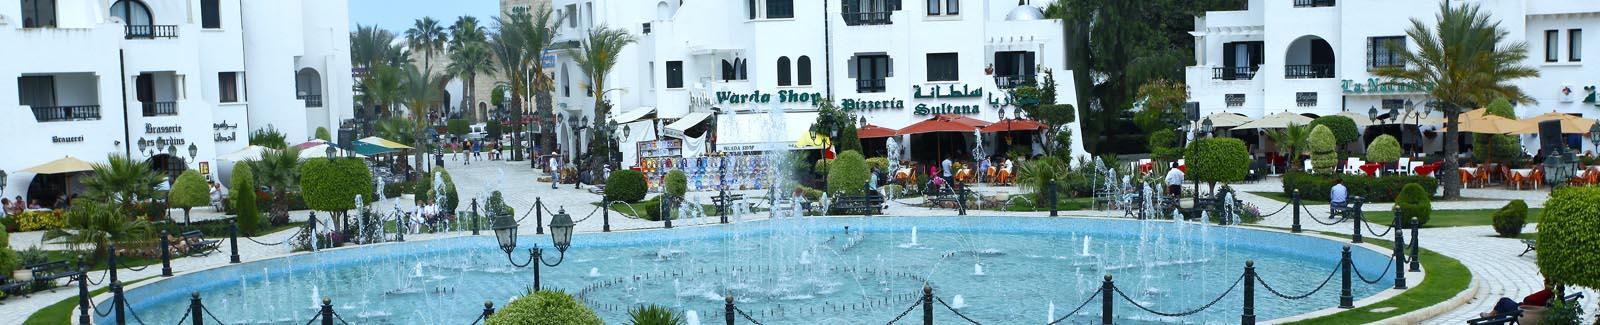 порт эль кантауи площадь с фонтаном